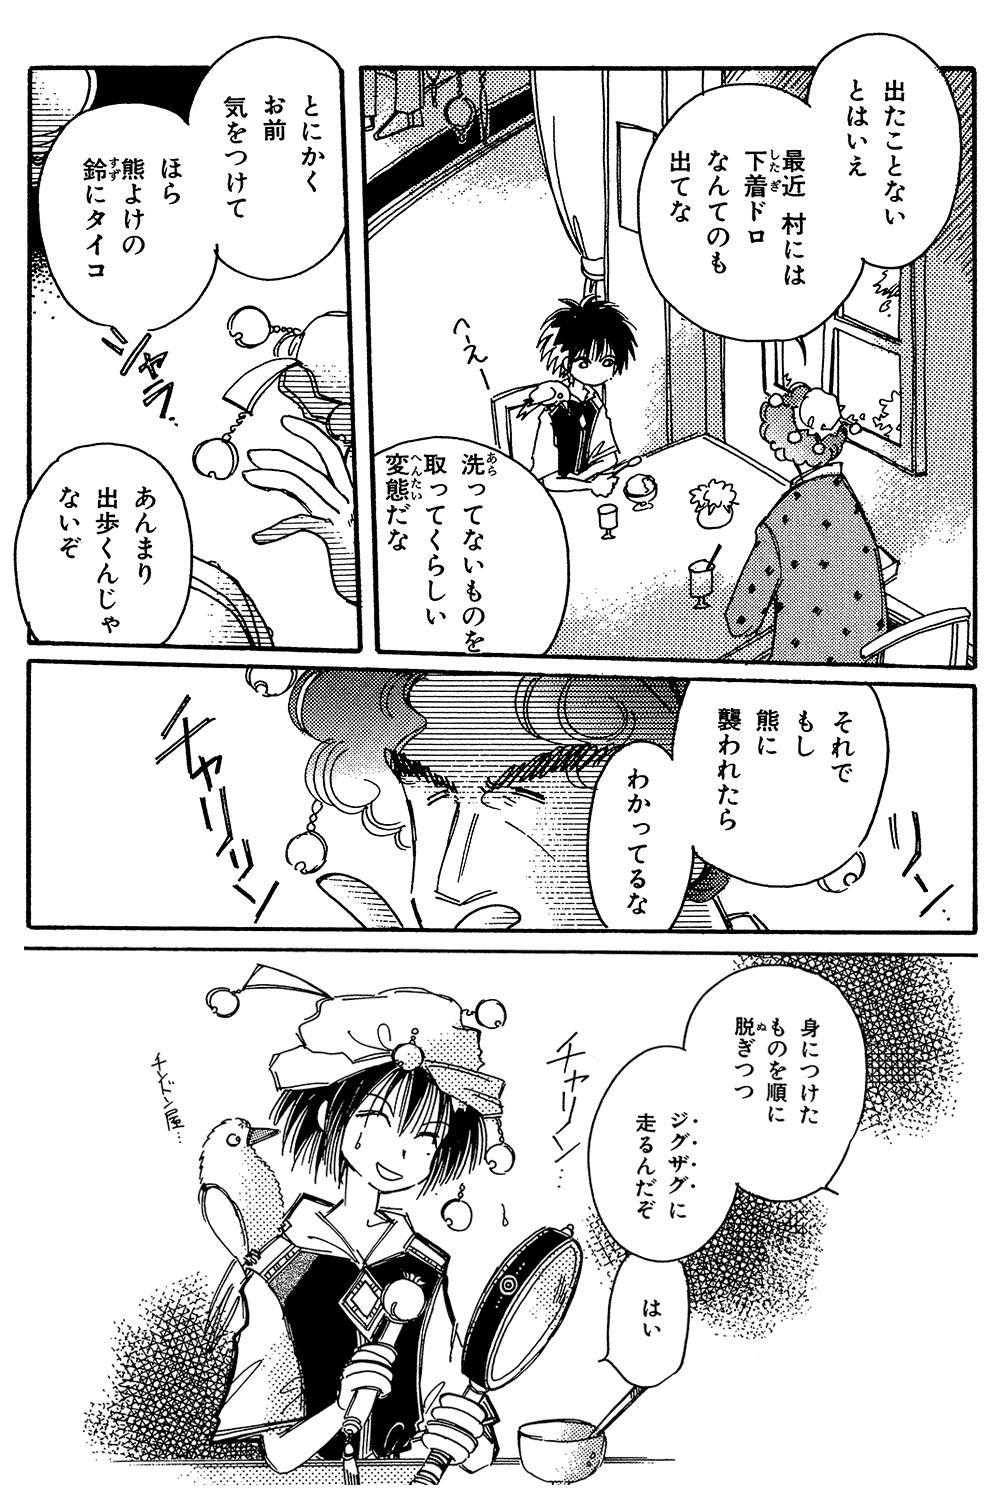 チキタ★GUGU 第3話chikitagg05-03.jpg